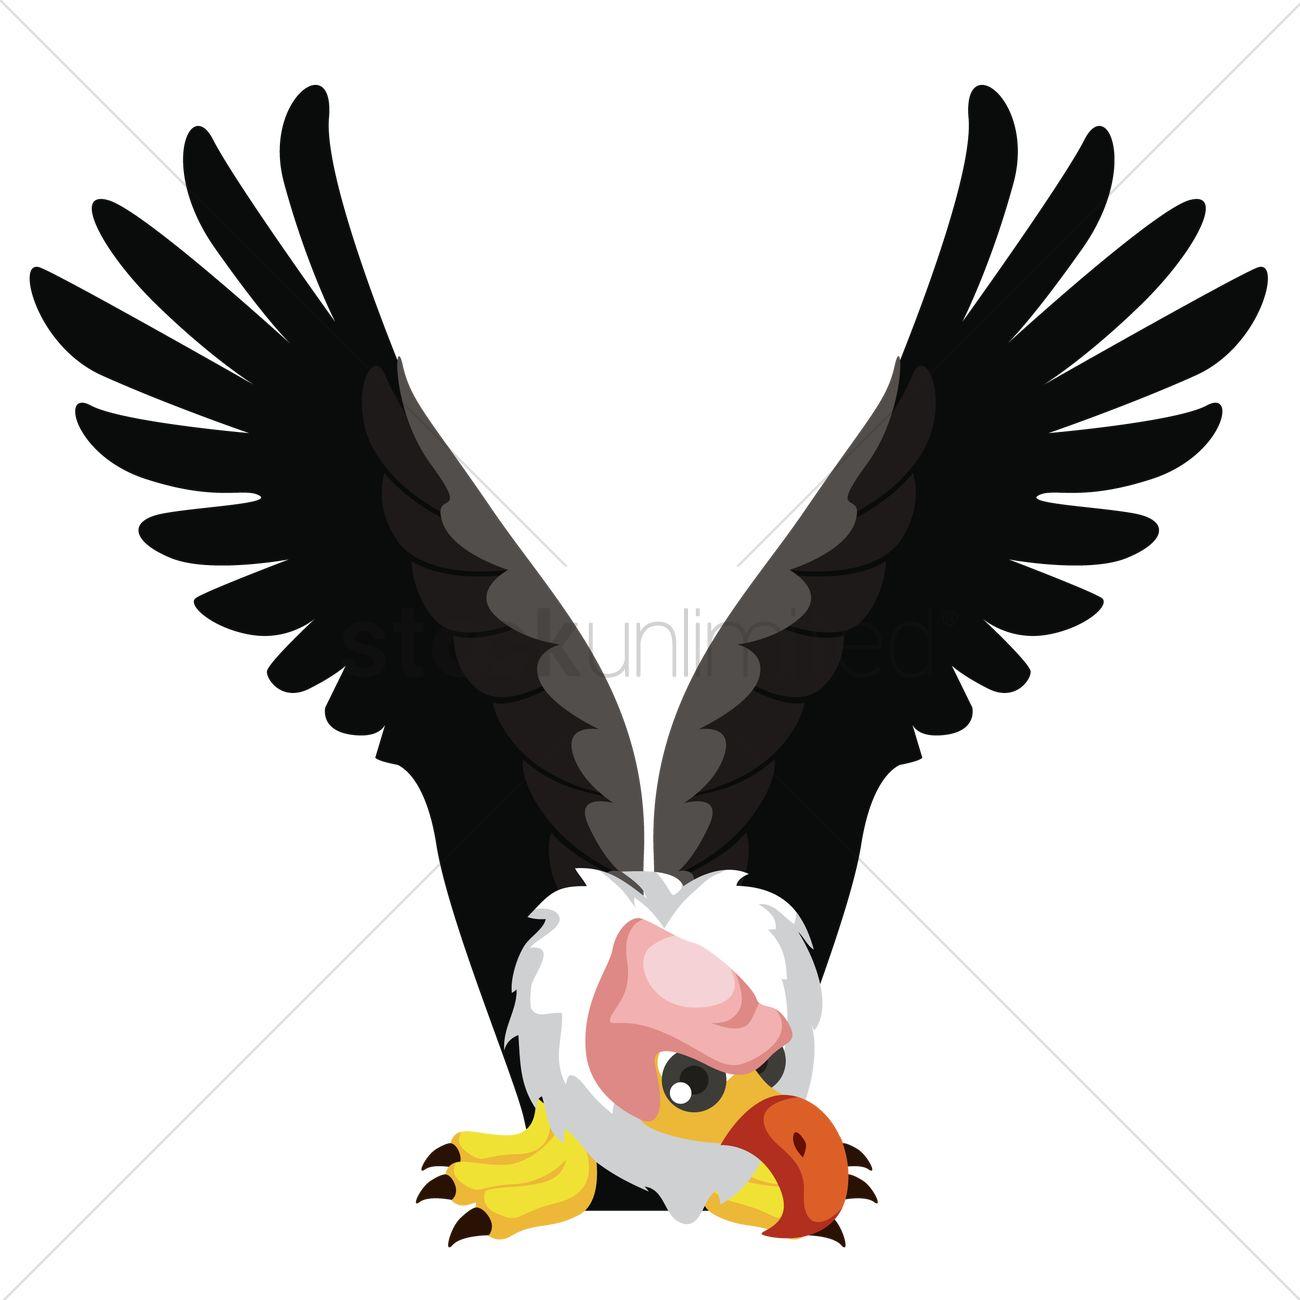 Letter v for vulture Vector Image - 1236521 | StockUnlimited